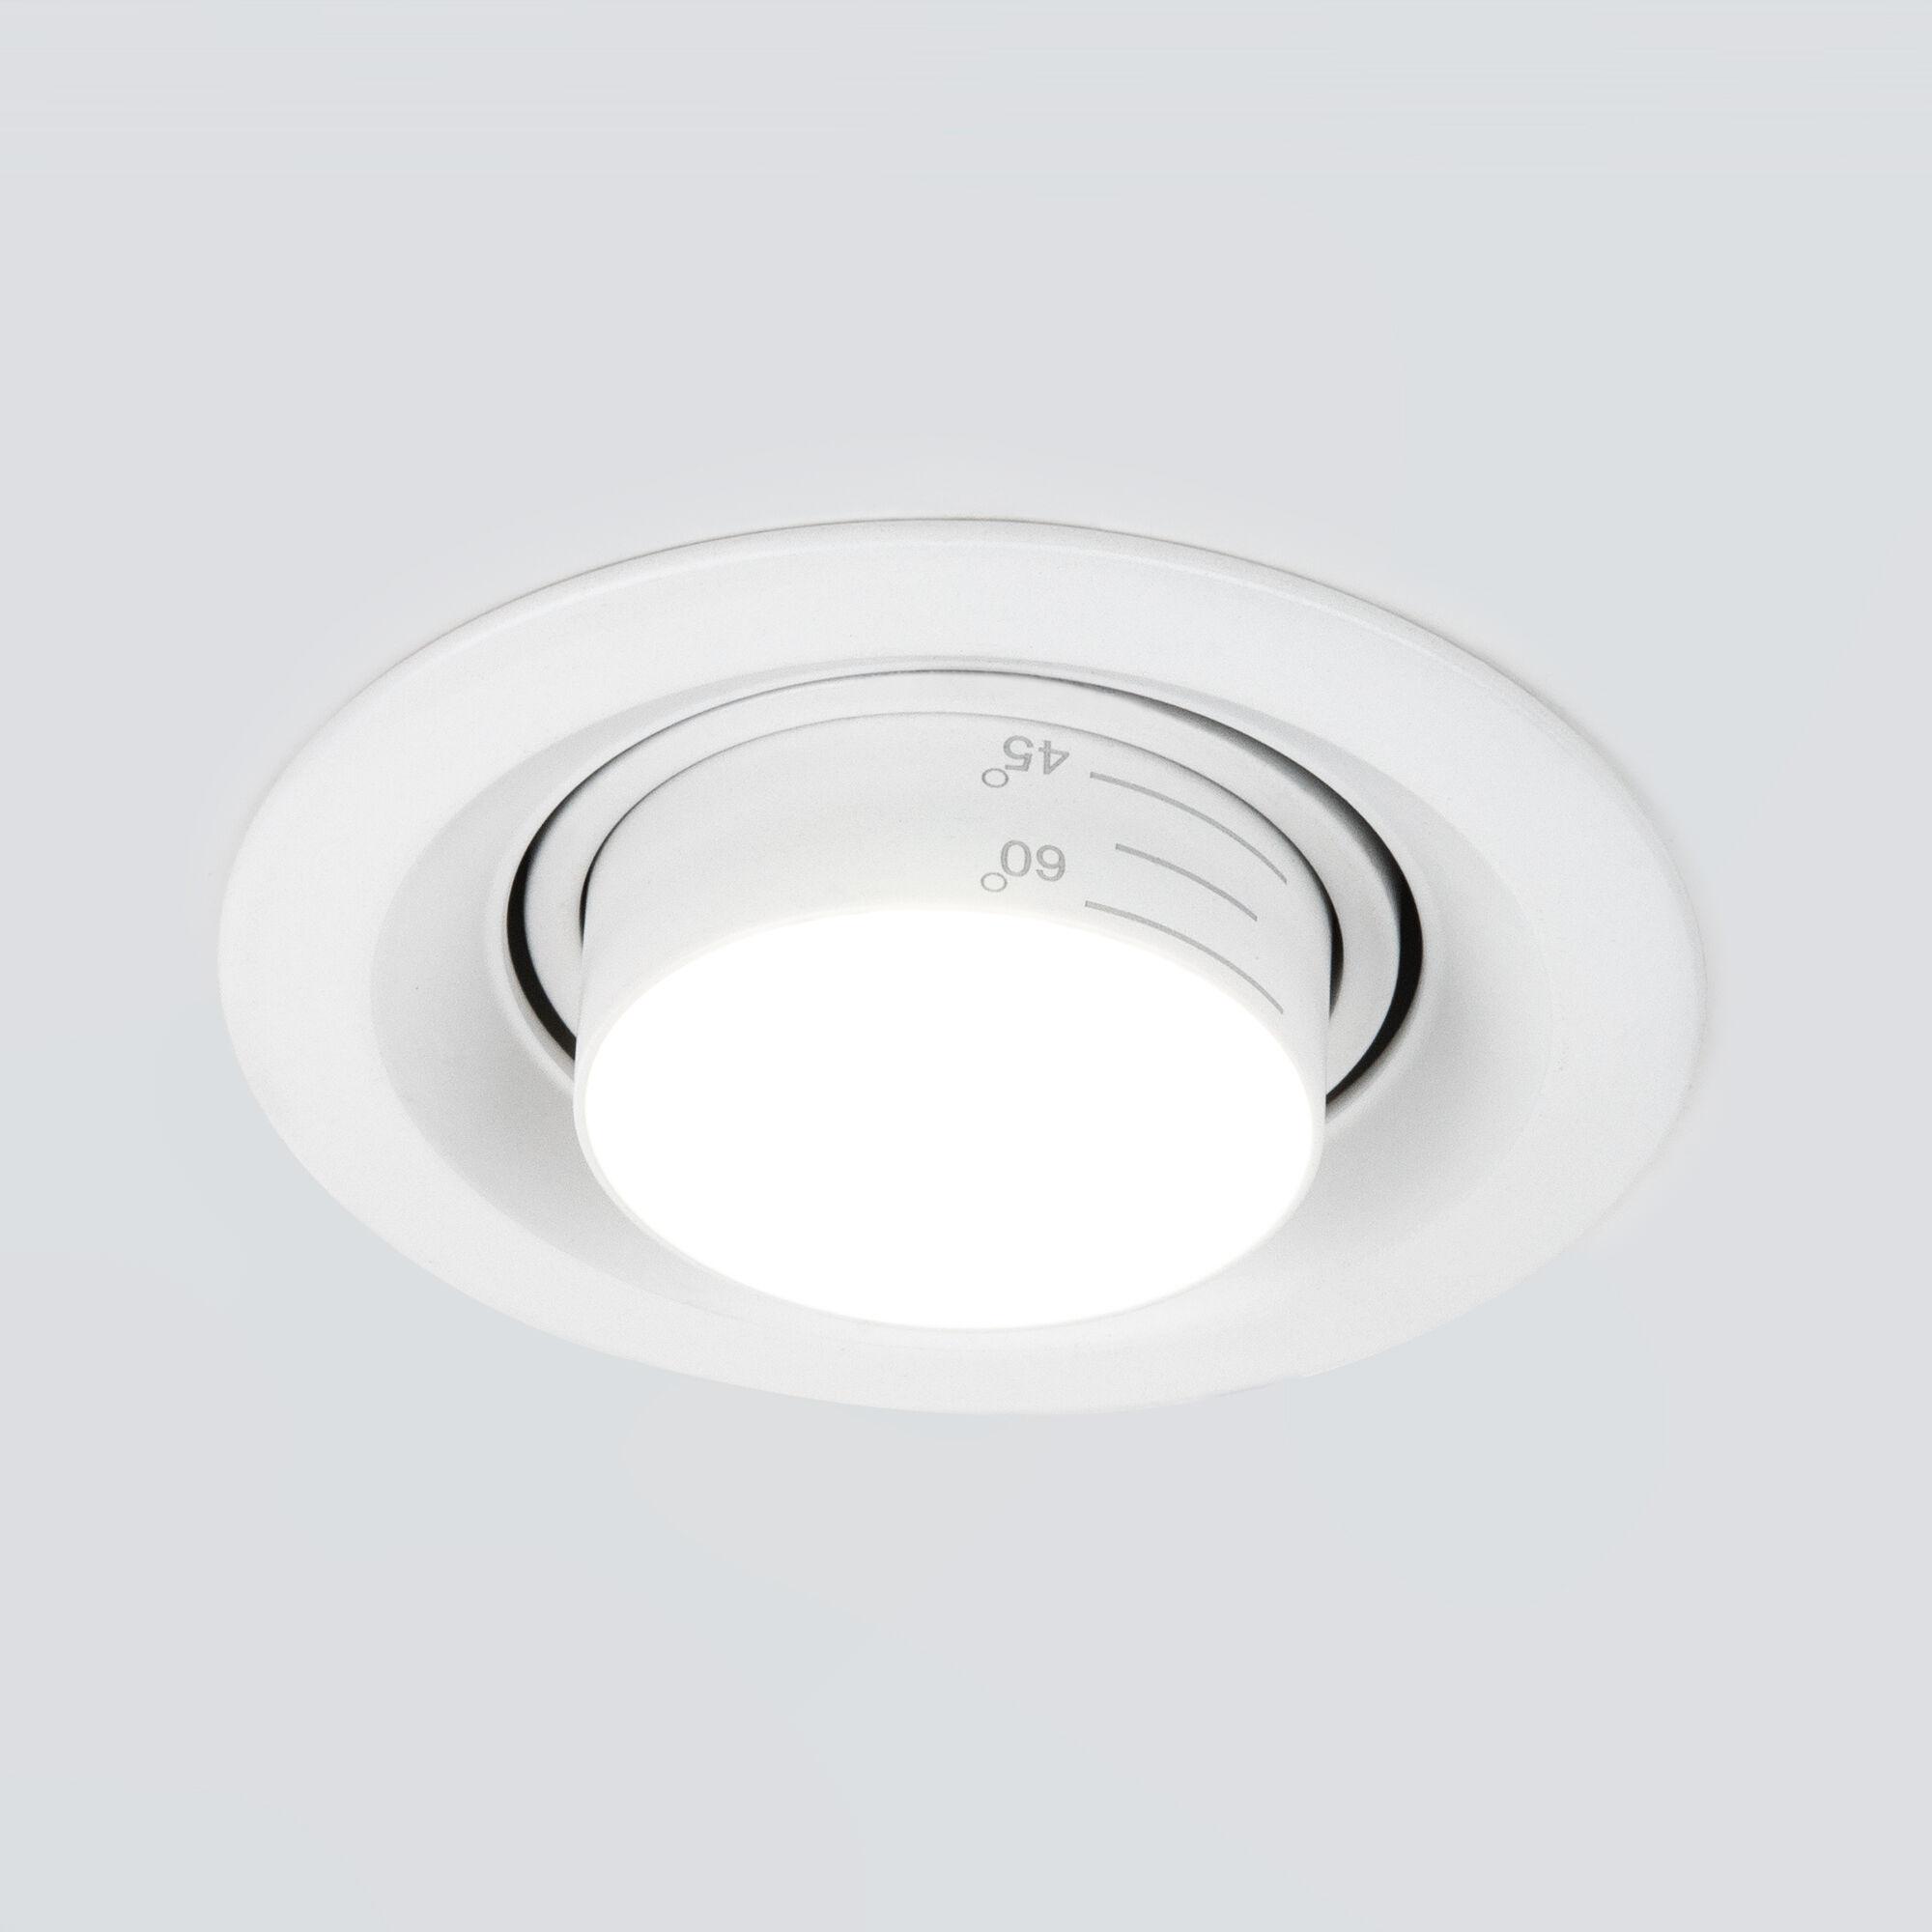 Встраиваемый светодиодный светильник с регулировкой угла освещения 9919 LED 10W 4200K белый